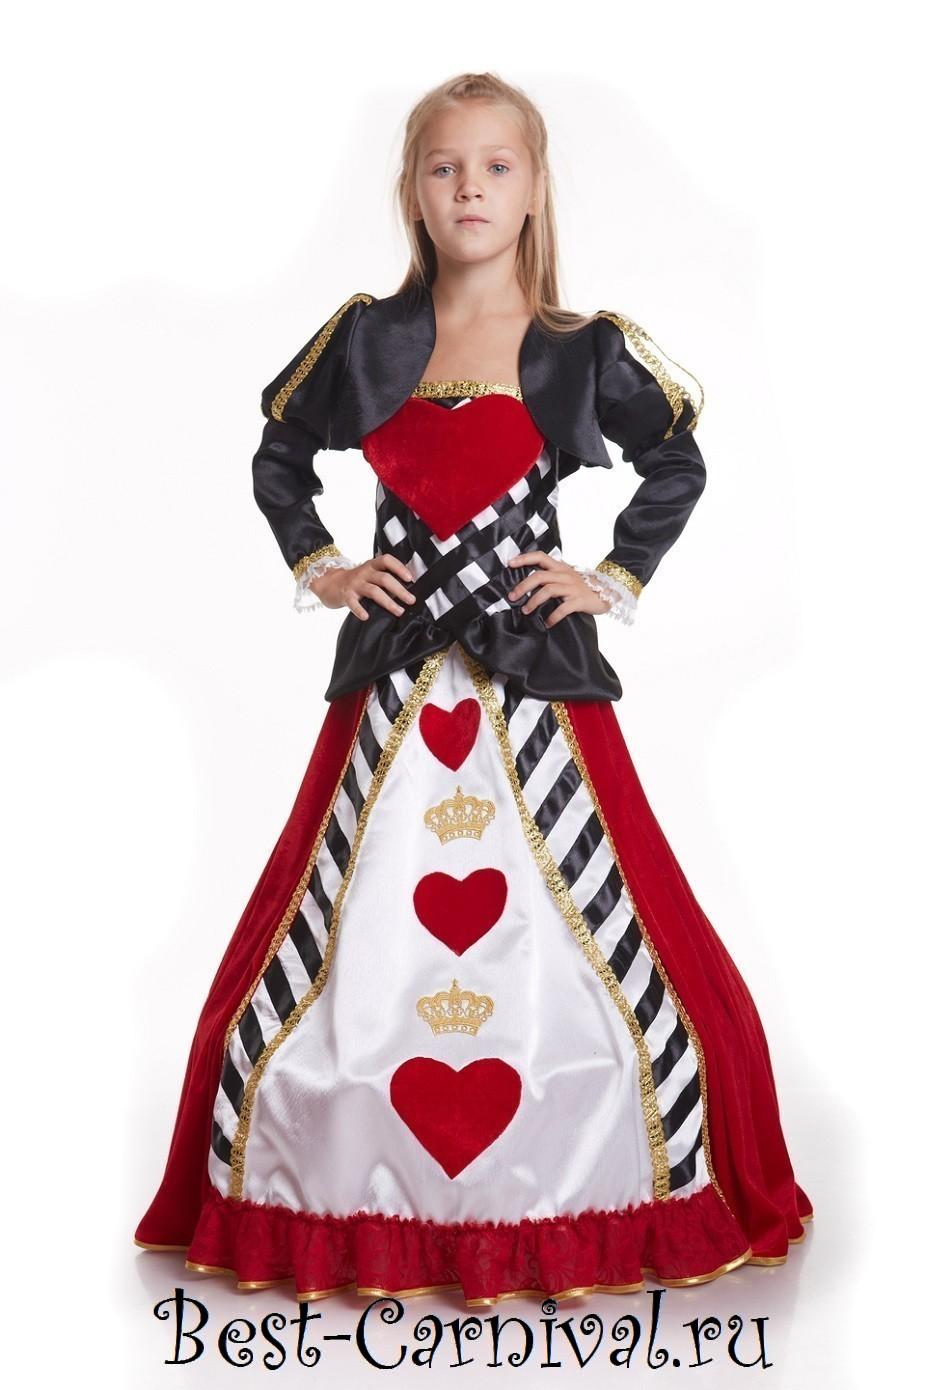 Костюм Карточной Королевы купить| Карнавальные костюмы - photo#14